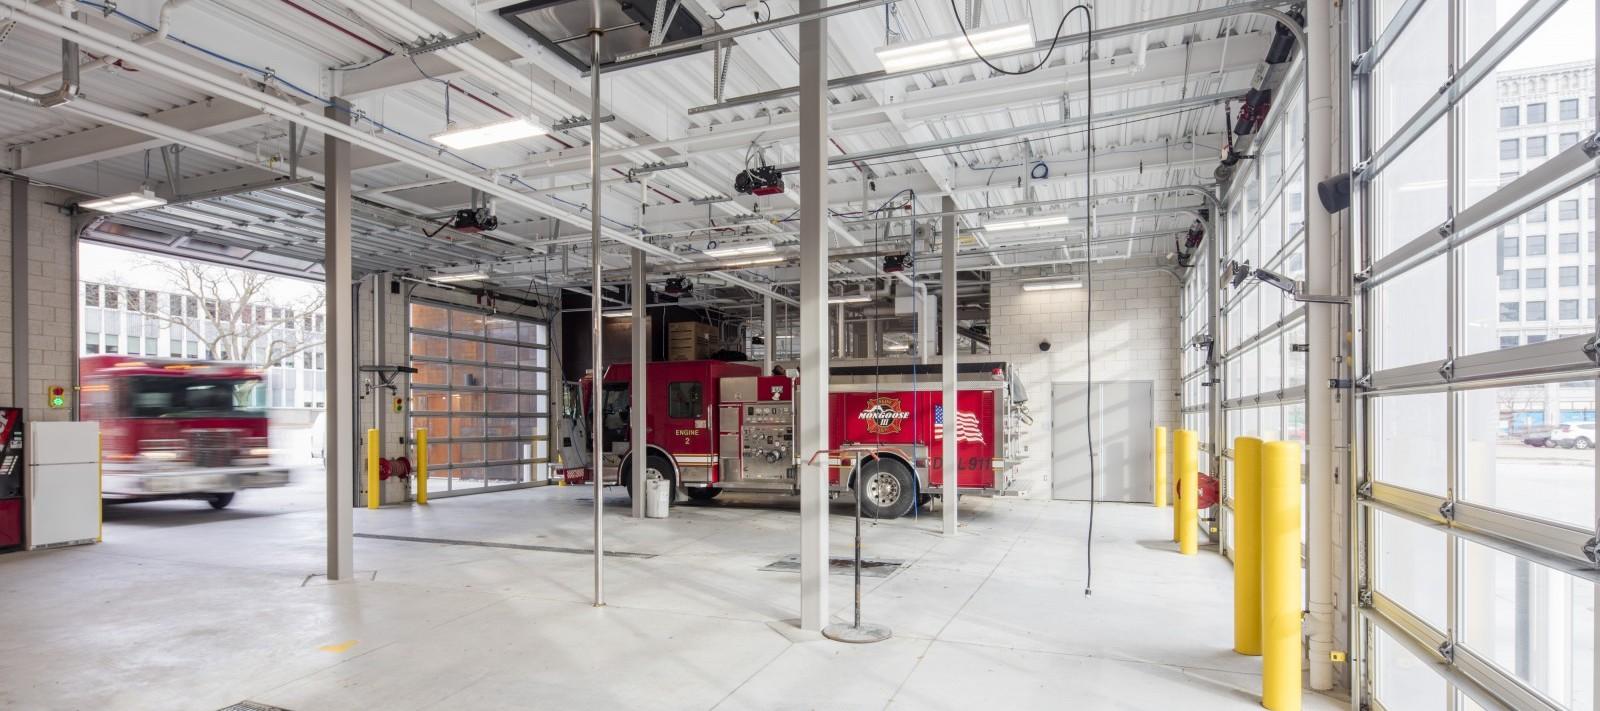 Davenport Fire Department truck garage